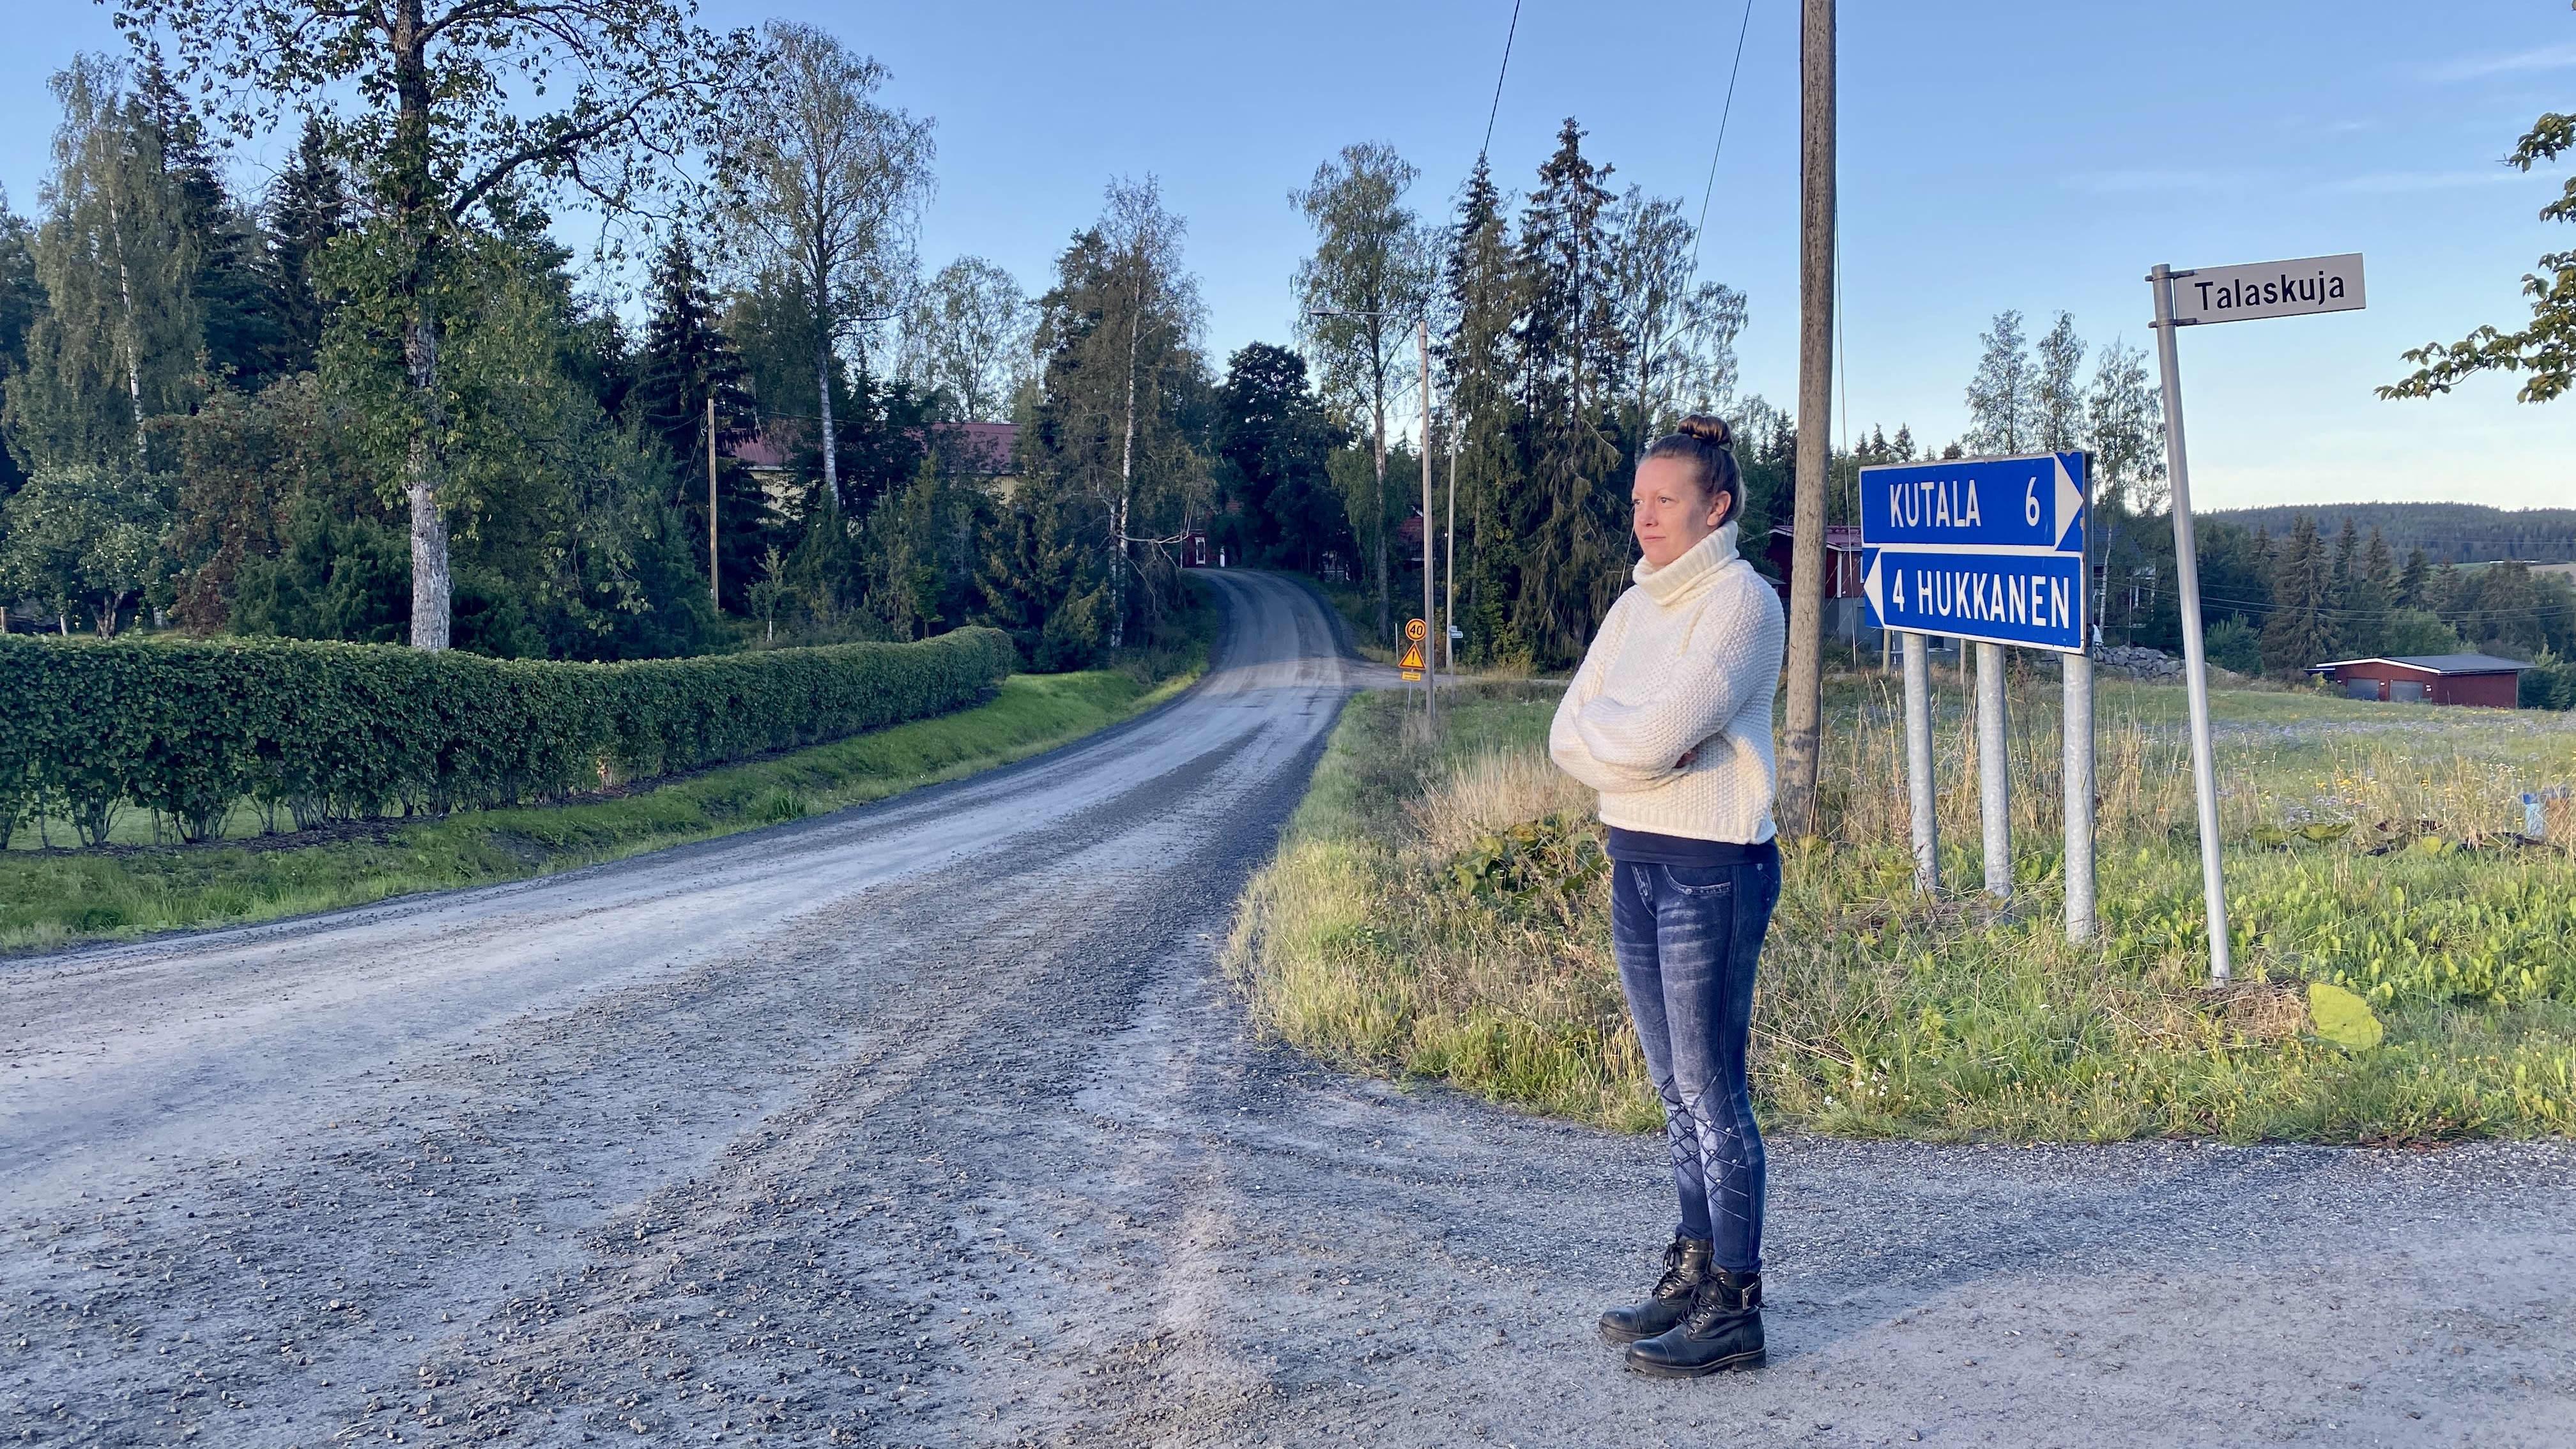 Tanja Kankaanpää seisomassa Kärppälänraitin ja Kärppäläntien risteyksessä.